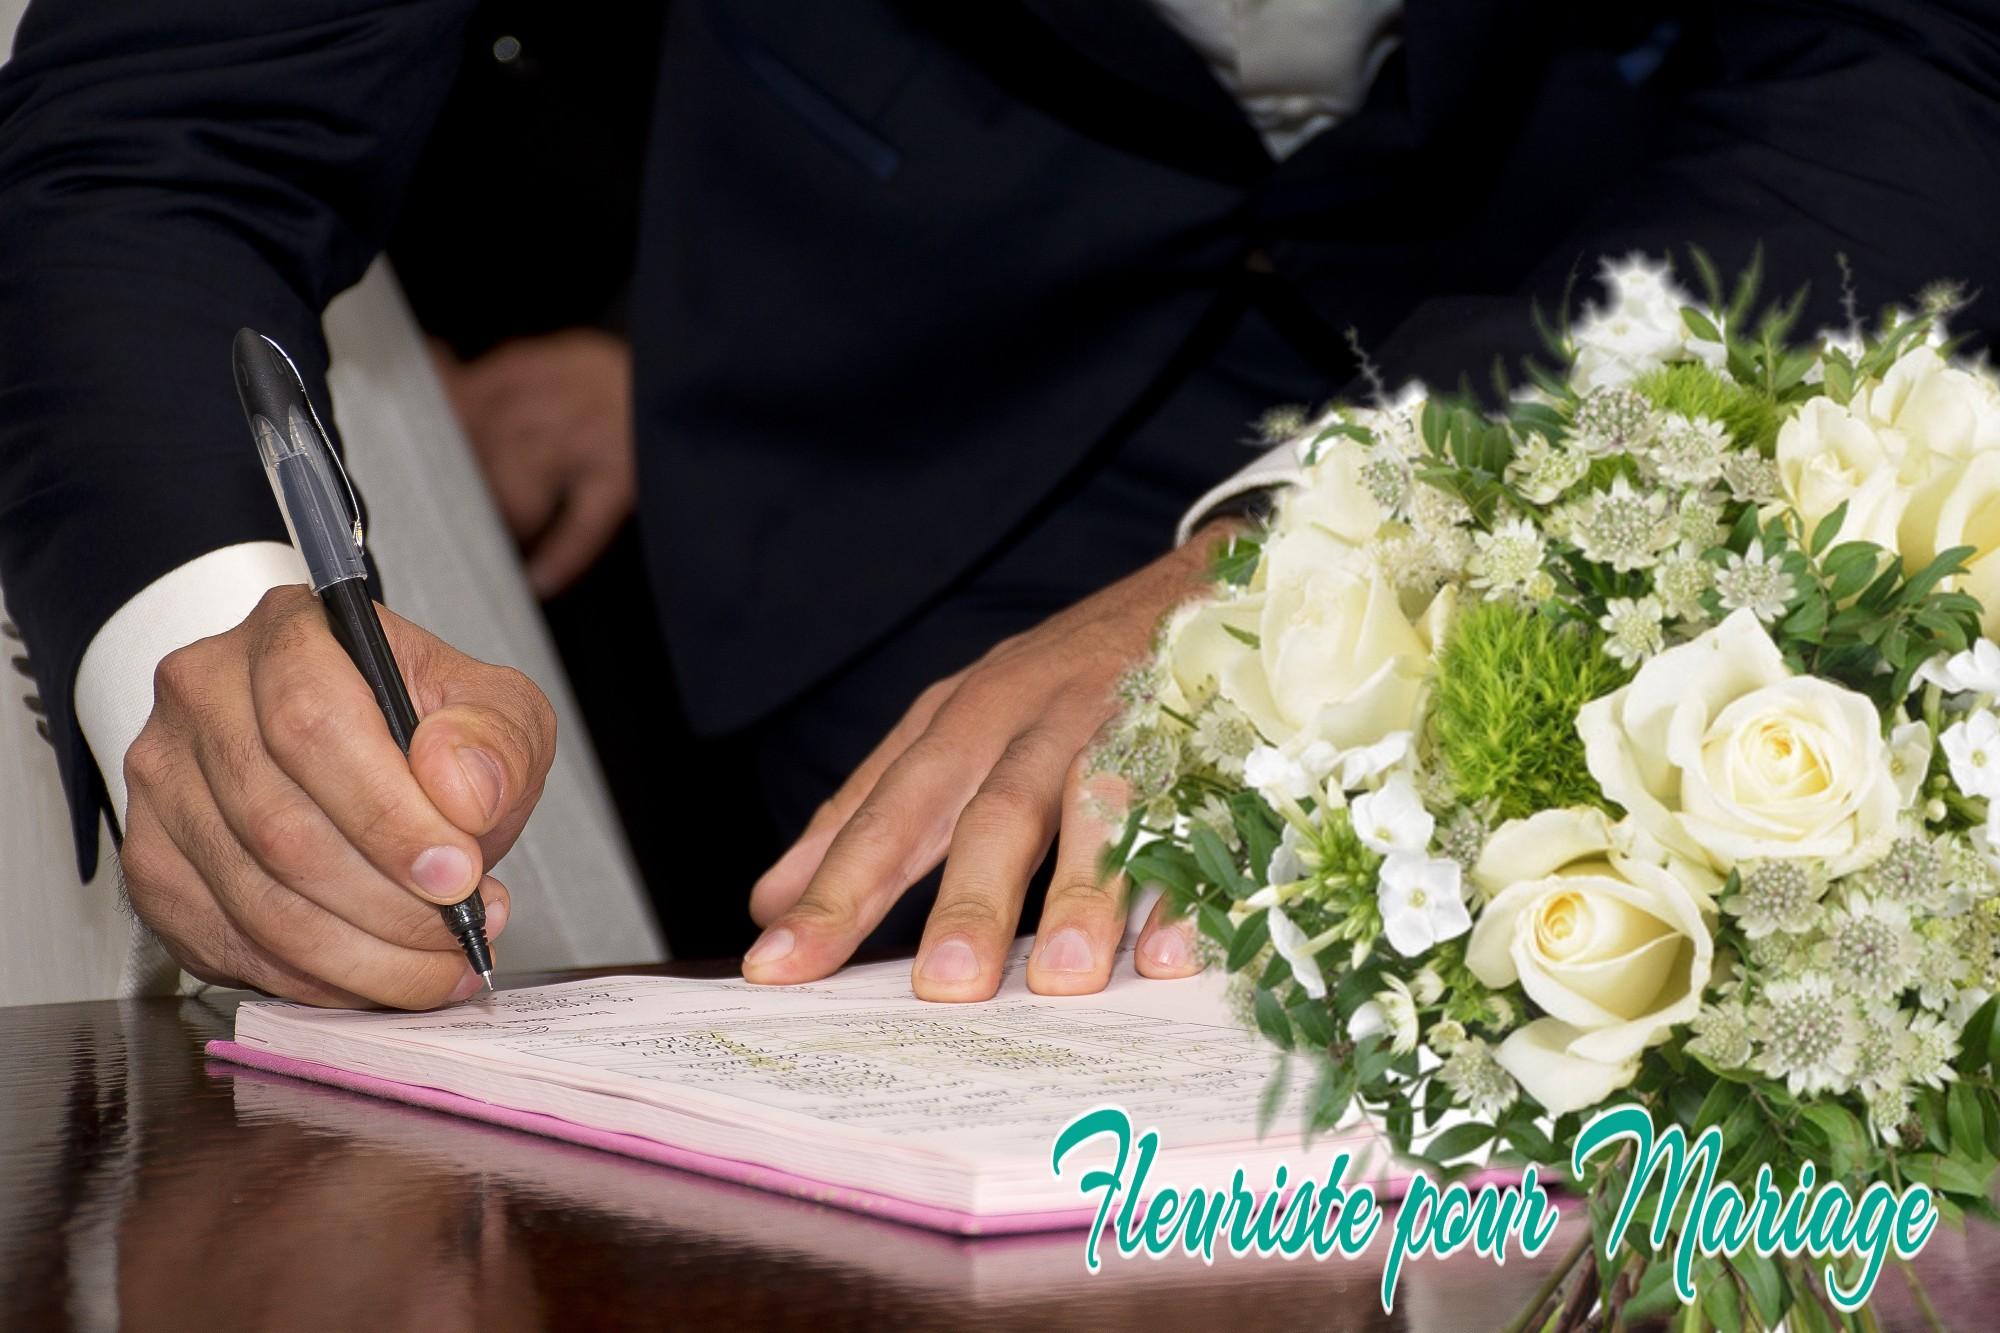 DÉCORATION FLORALE MARIAGE MAIRIE DE OPIO - FLEURISTE MARIAGE OPIO - FLEURS MARIAGE MAIRIE DE OPIO